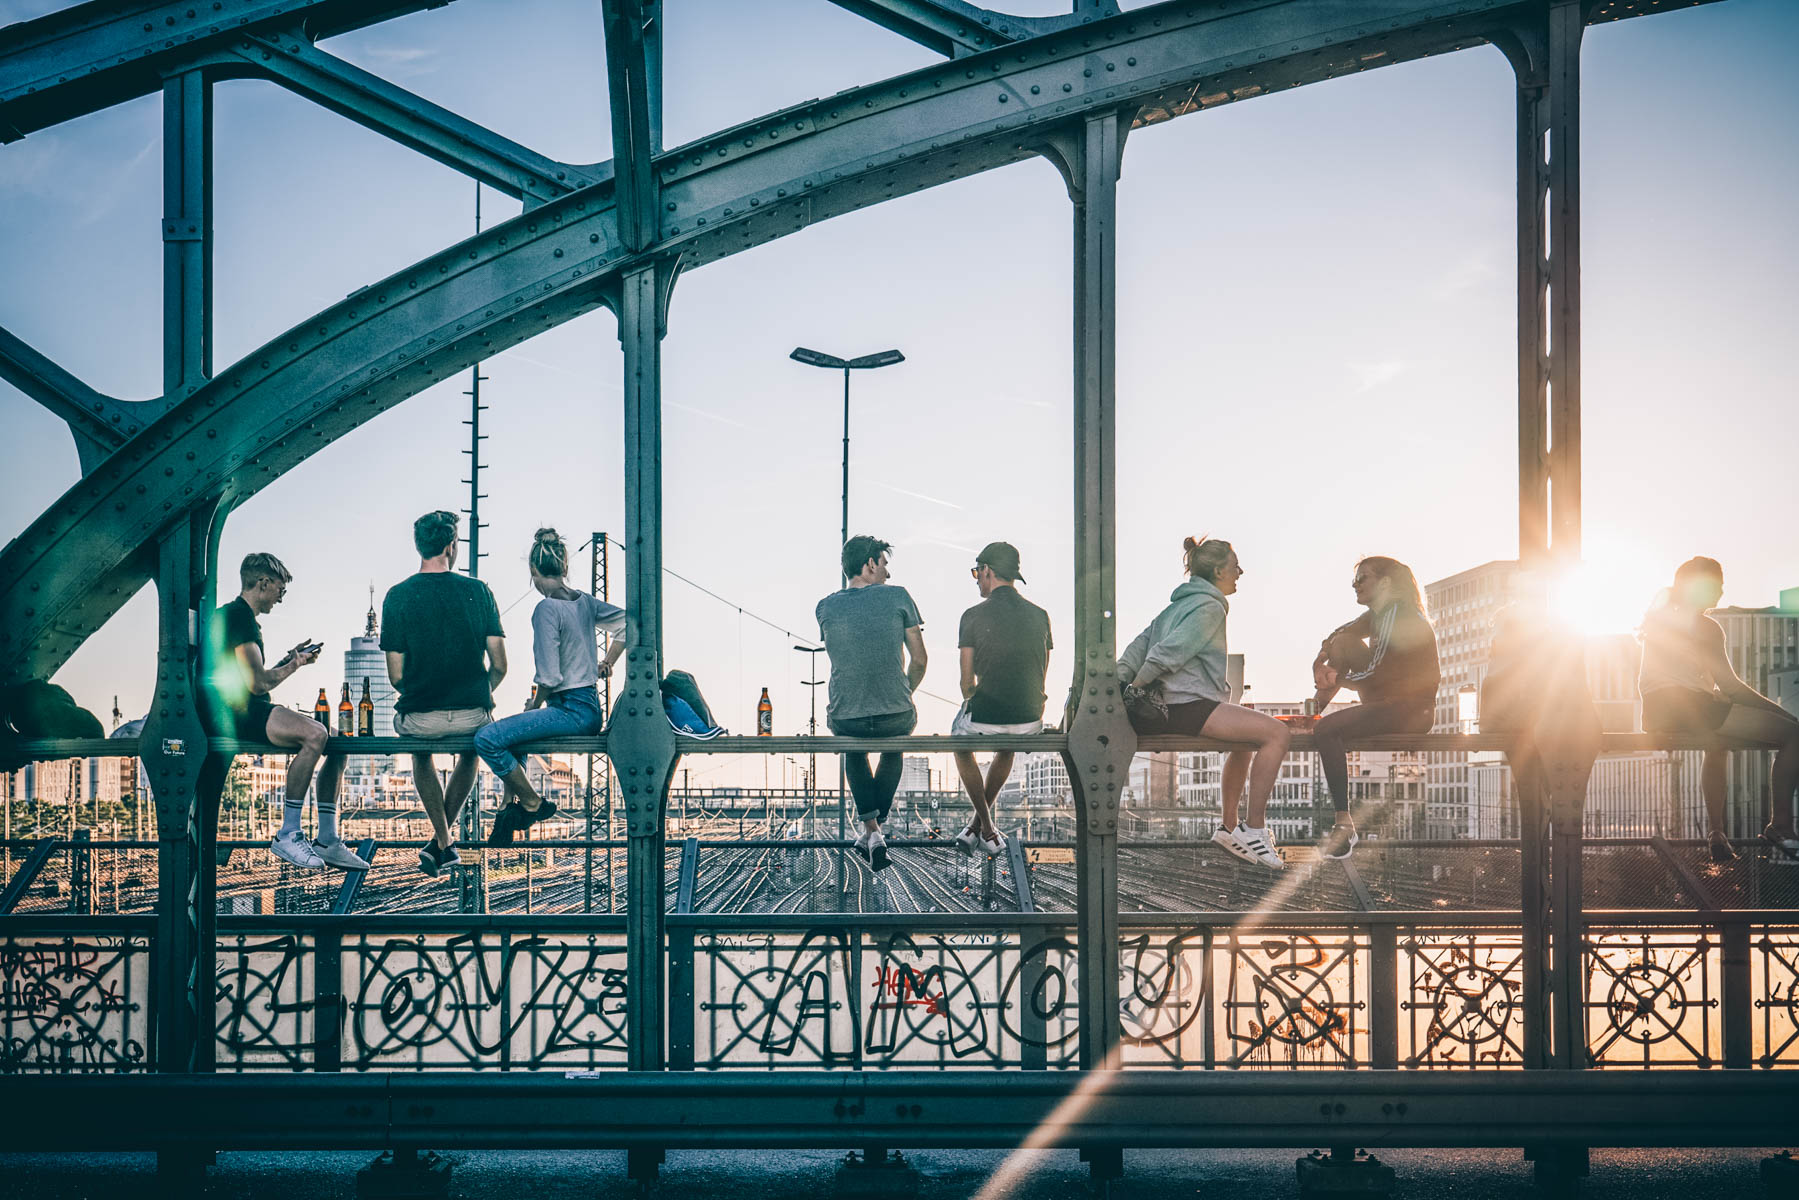 Geheimtipp Muenchen hackerbrücke 3 – ©wunderland media GmbH